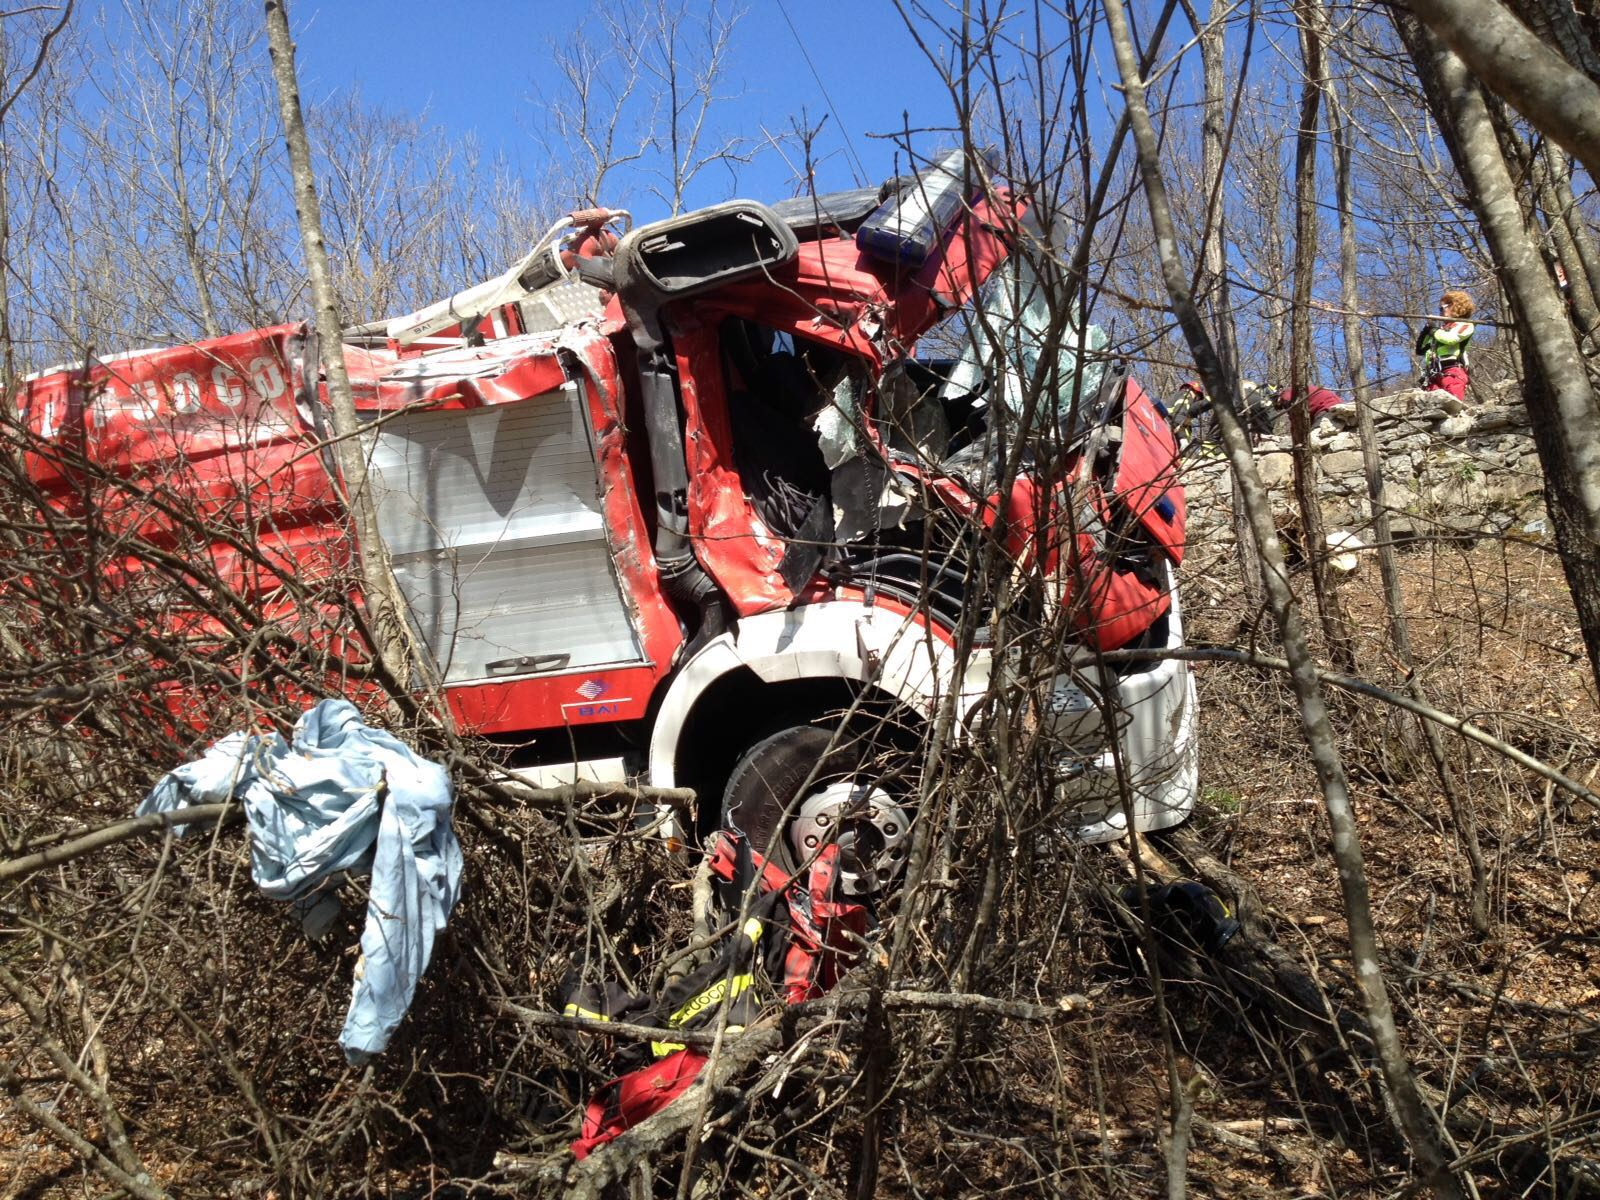 Incidente, autobotte dei vigili del fuoco in una scarpata: due feriti GUARDA LE FOTO